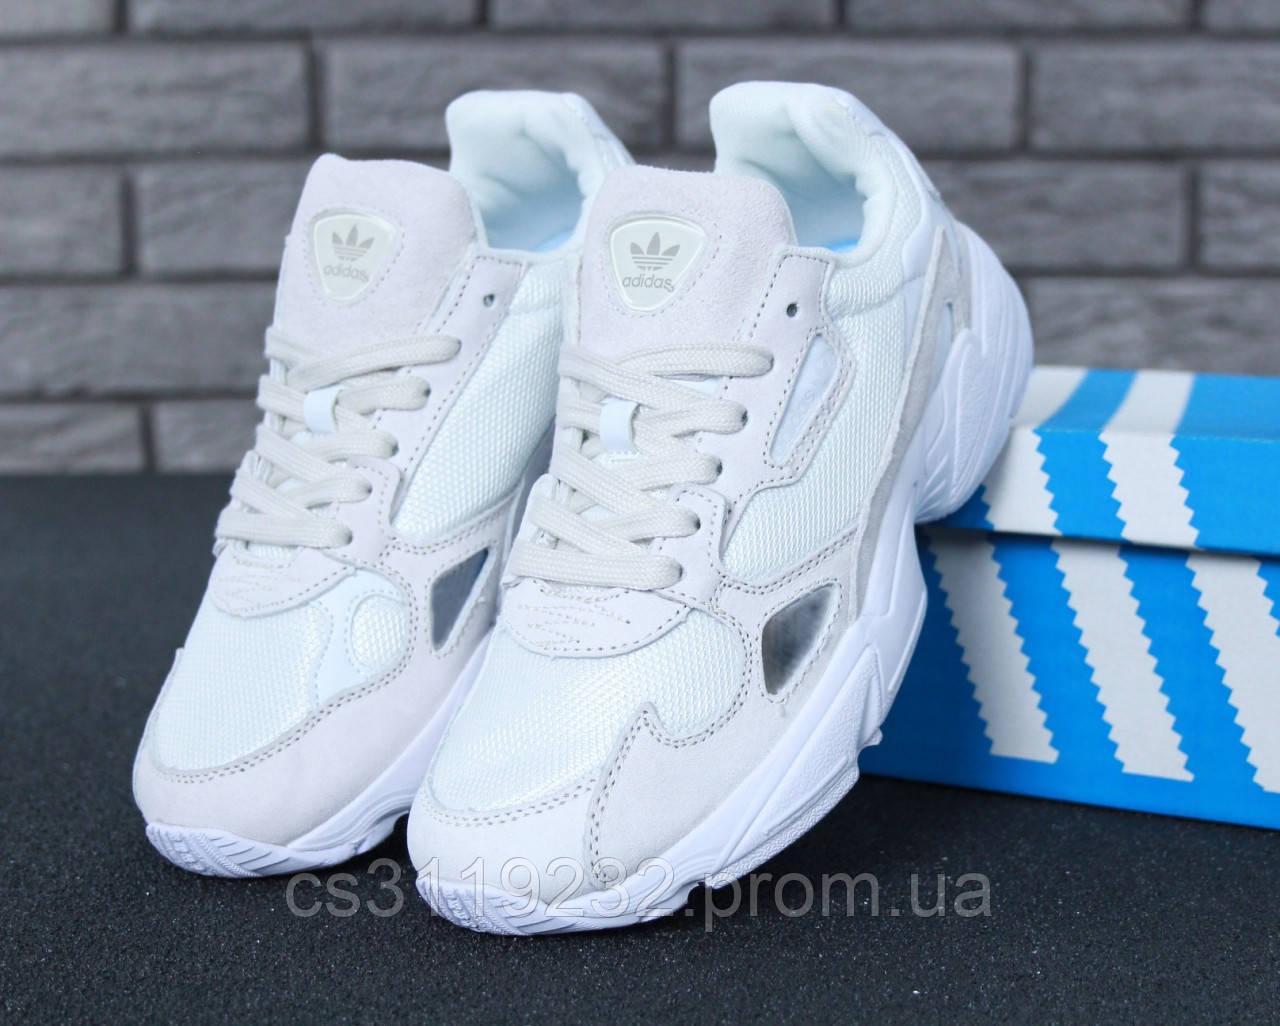 Чоловічі кросівки Adidas Falcon Full White (білі)